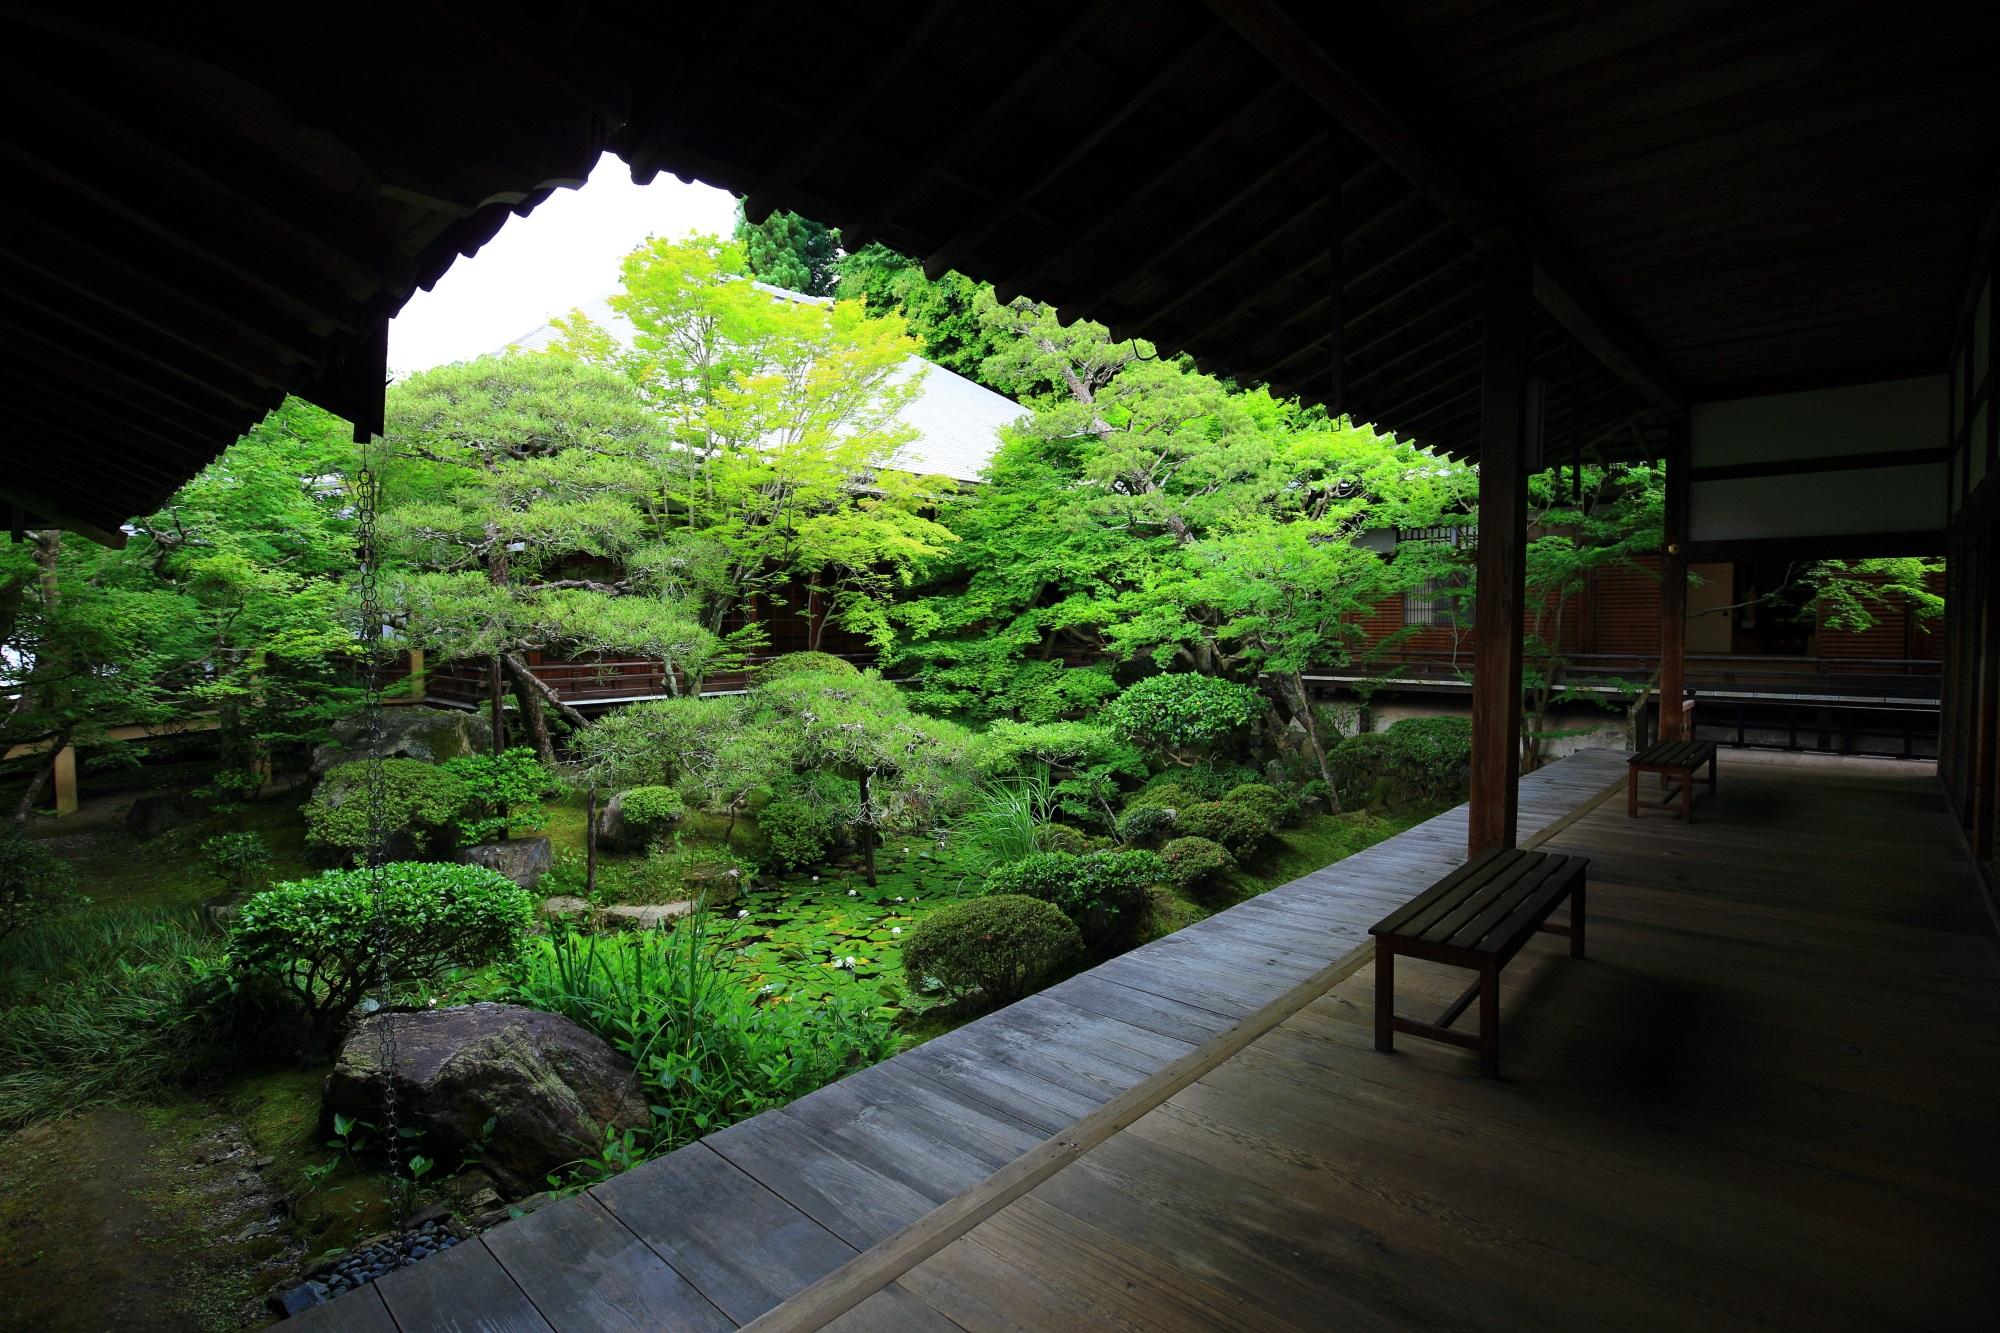 方丈北庭 緑 綺麗